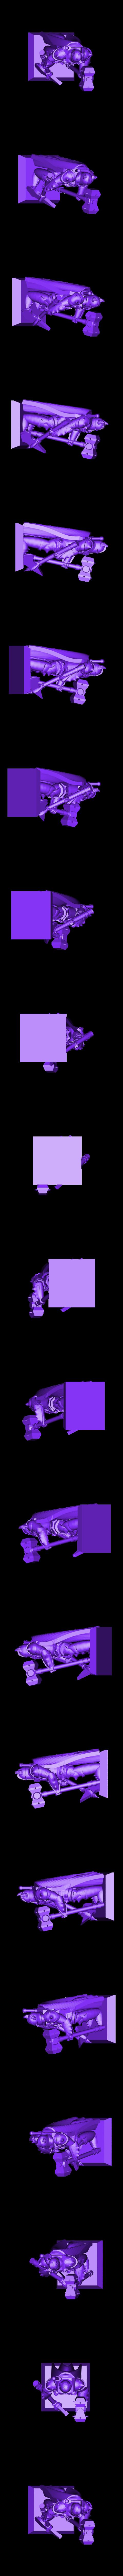 Chaos_Champion.stl Télécharger fichier STL gratuit Chaos Champion • Objet pour imprimante 3D, mrhers2